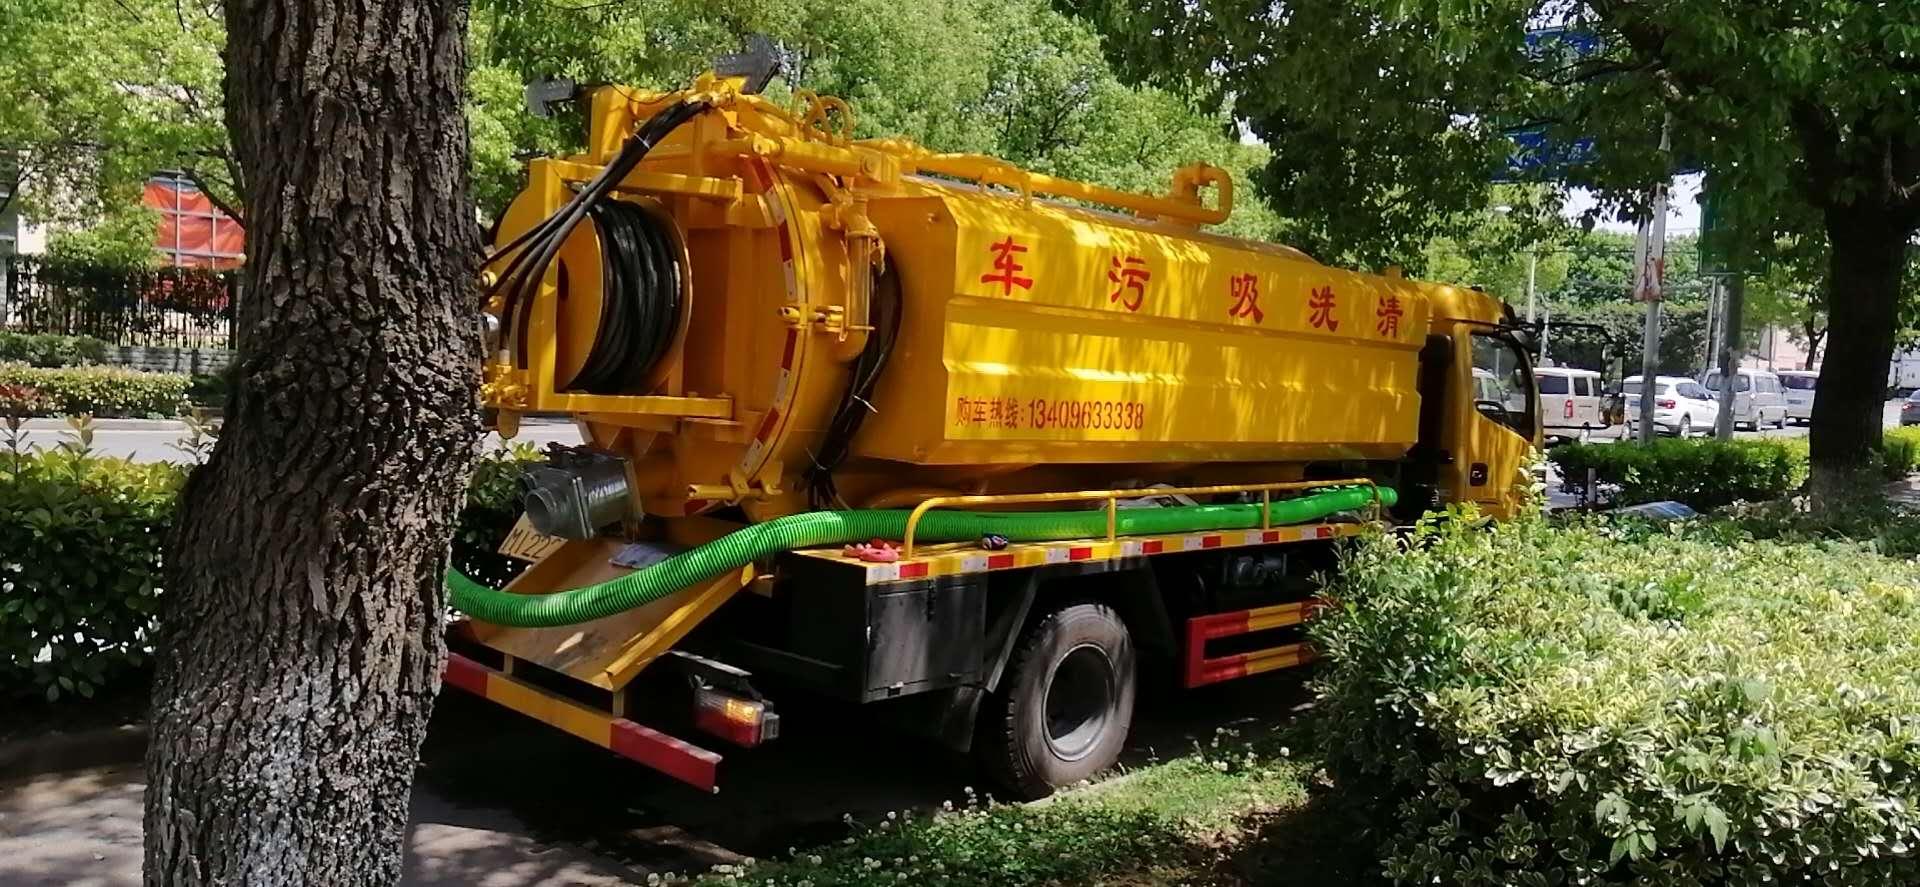 上海专业管道疏通清洗保养